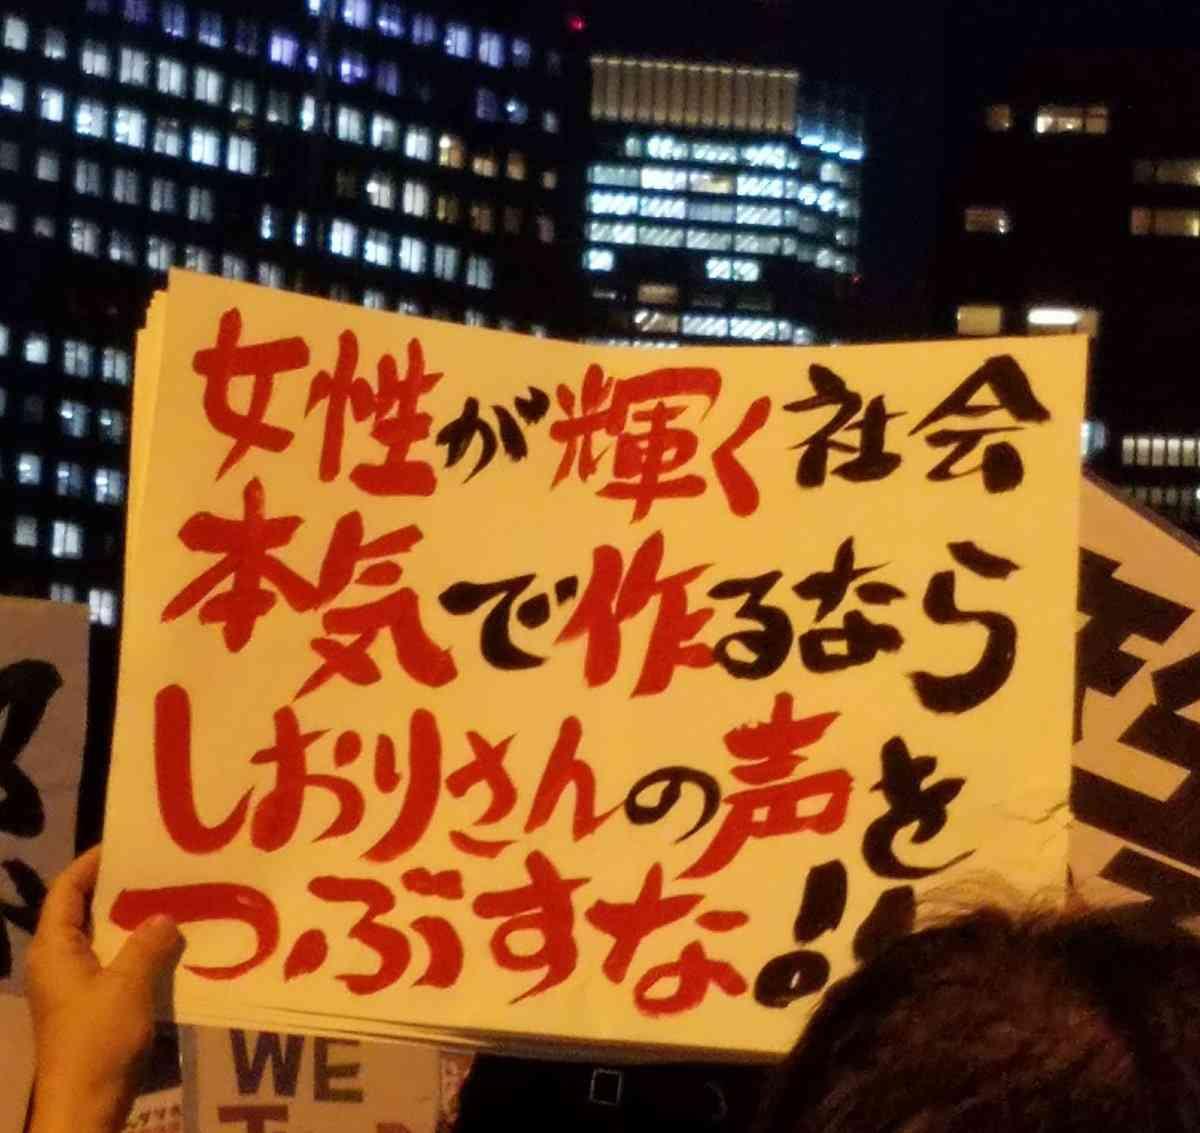 暴行被害訴える28歳女性が手記出版 詩織さん、姓も公表